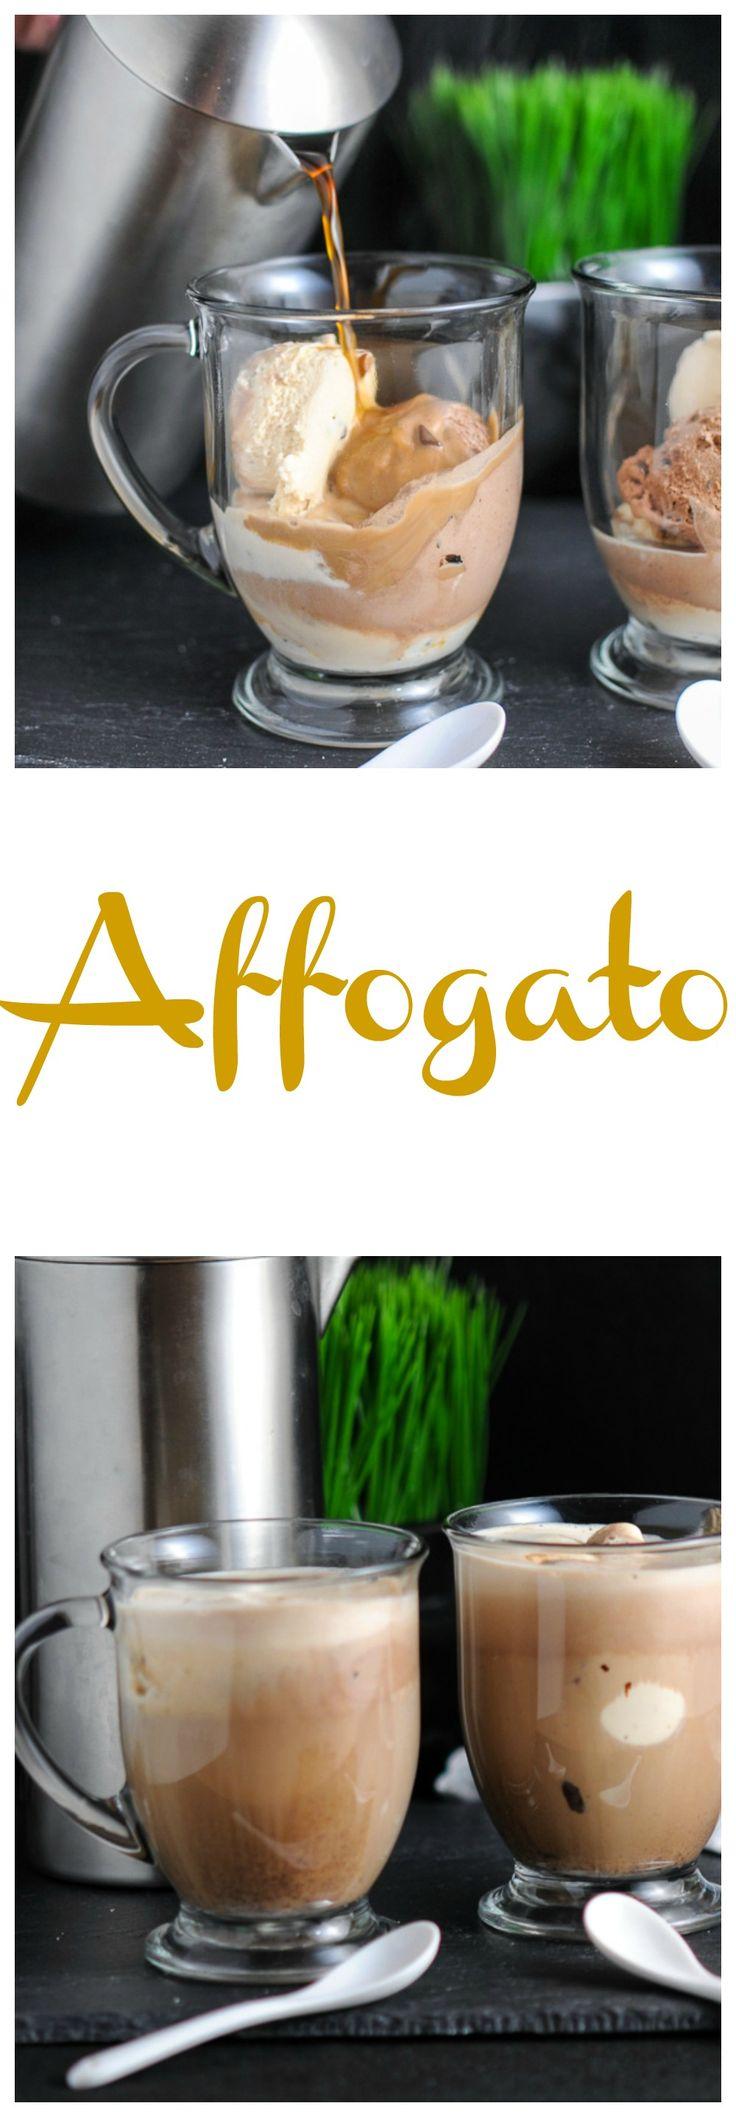 Affogato - Gelato and Espresso drink recipe, coffee, dessert, starbucks, cafe, vanilla, chocolate